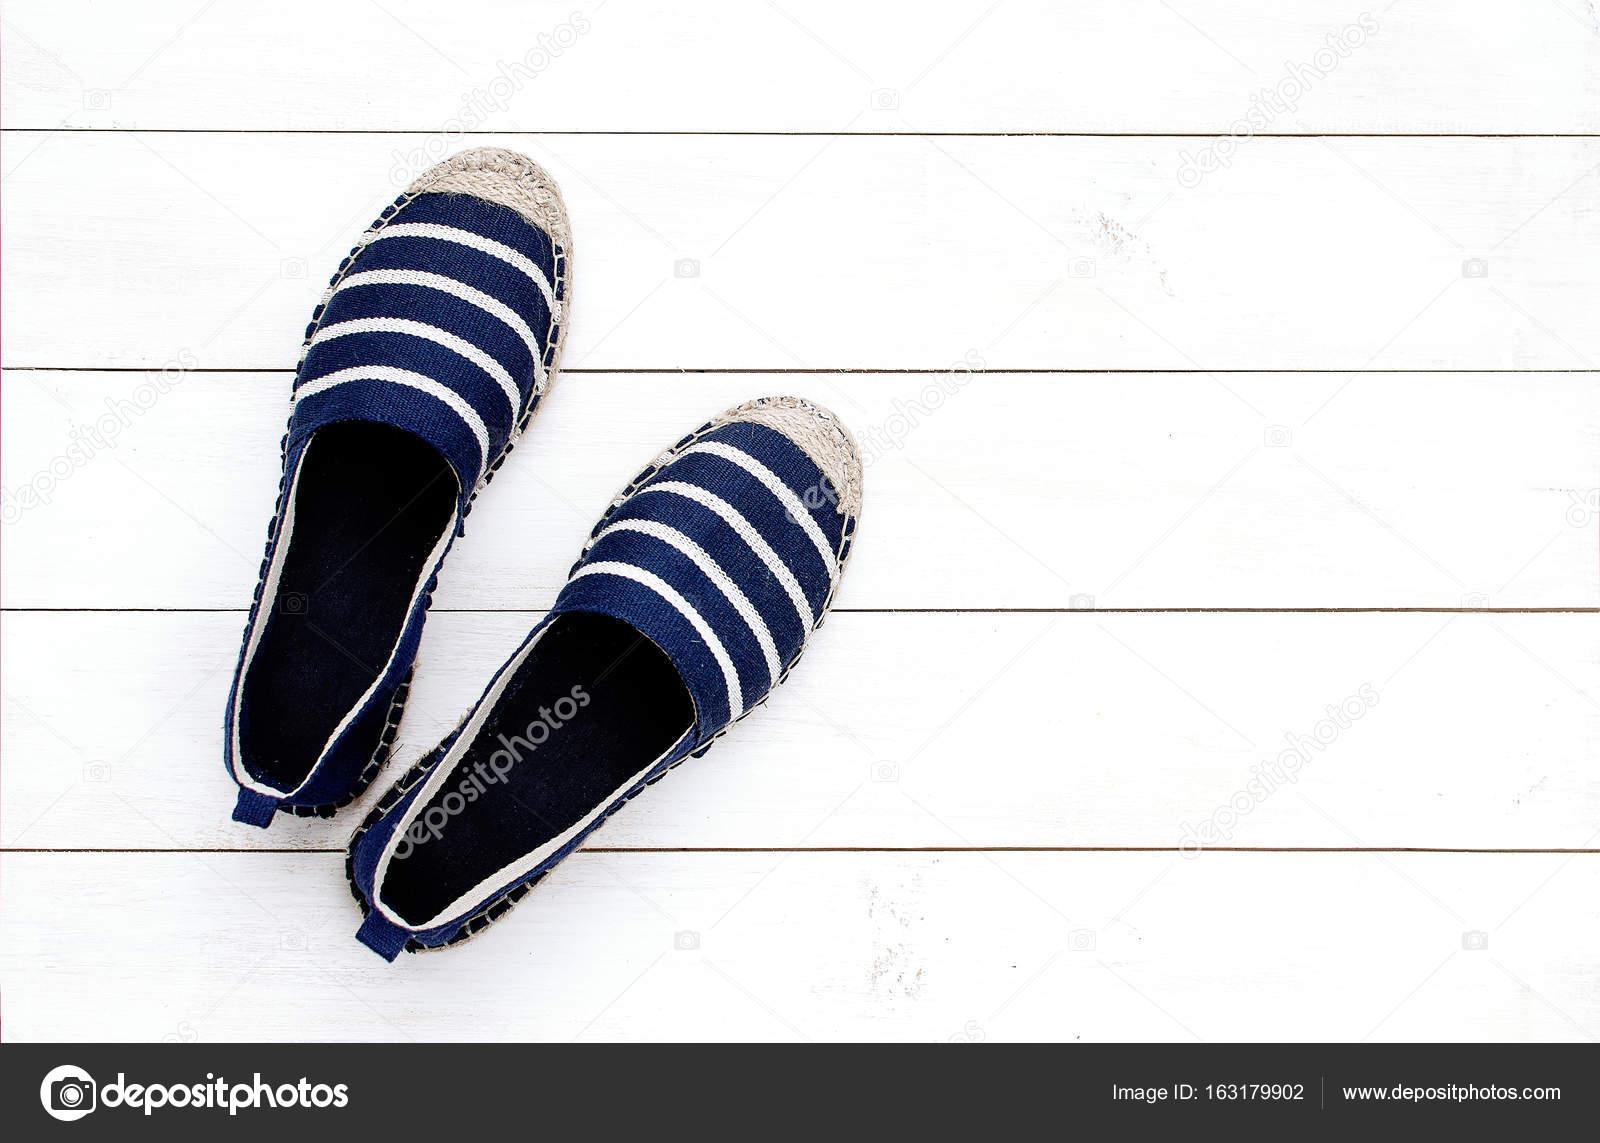 8180ca44dc Nyári női cipő kék espadrilles — Stock Fotó © Arkhipenko21 #163179902